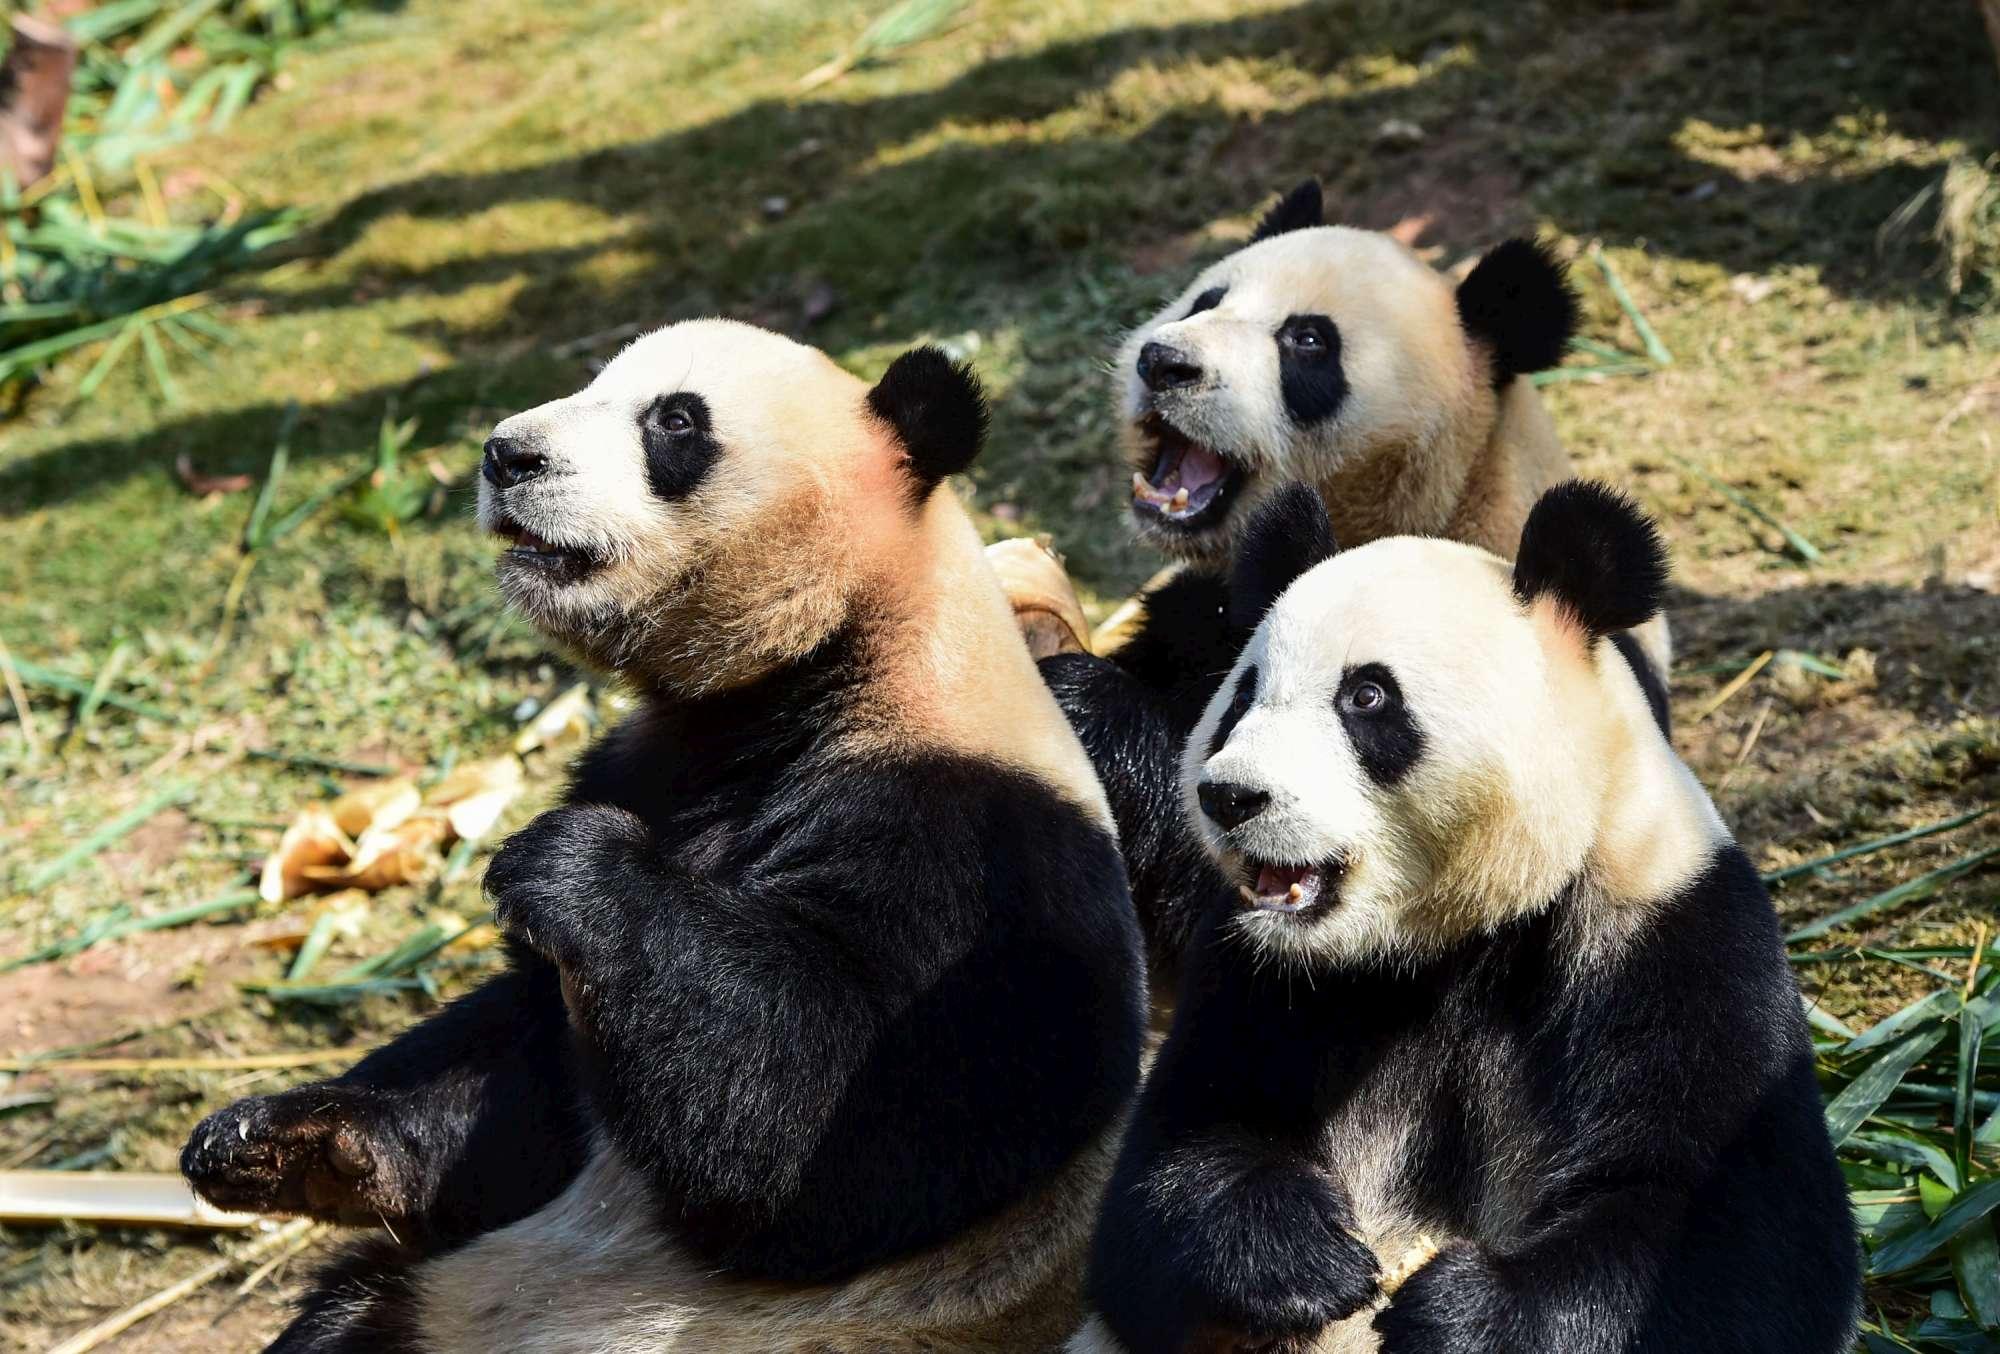 Il panda non è più nella lista delle specie a rischio di estinzione